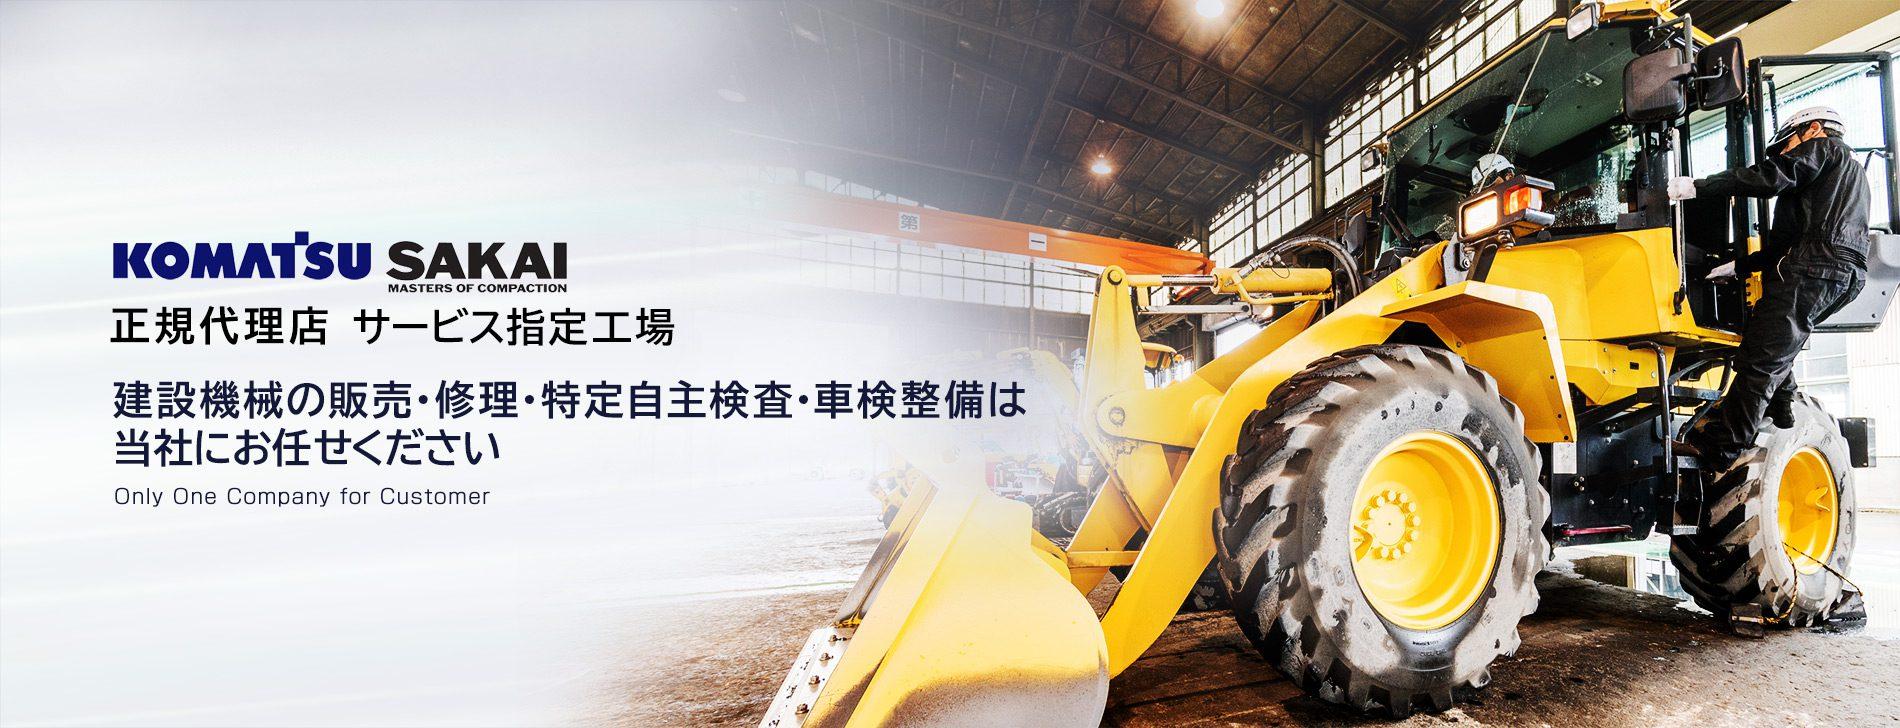 建設機械の販売・修理・特定自主検査・車検整備は 信頼の「正規指定工場」の当社にお任せください